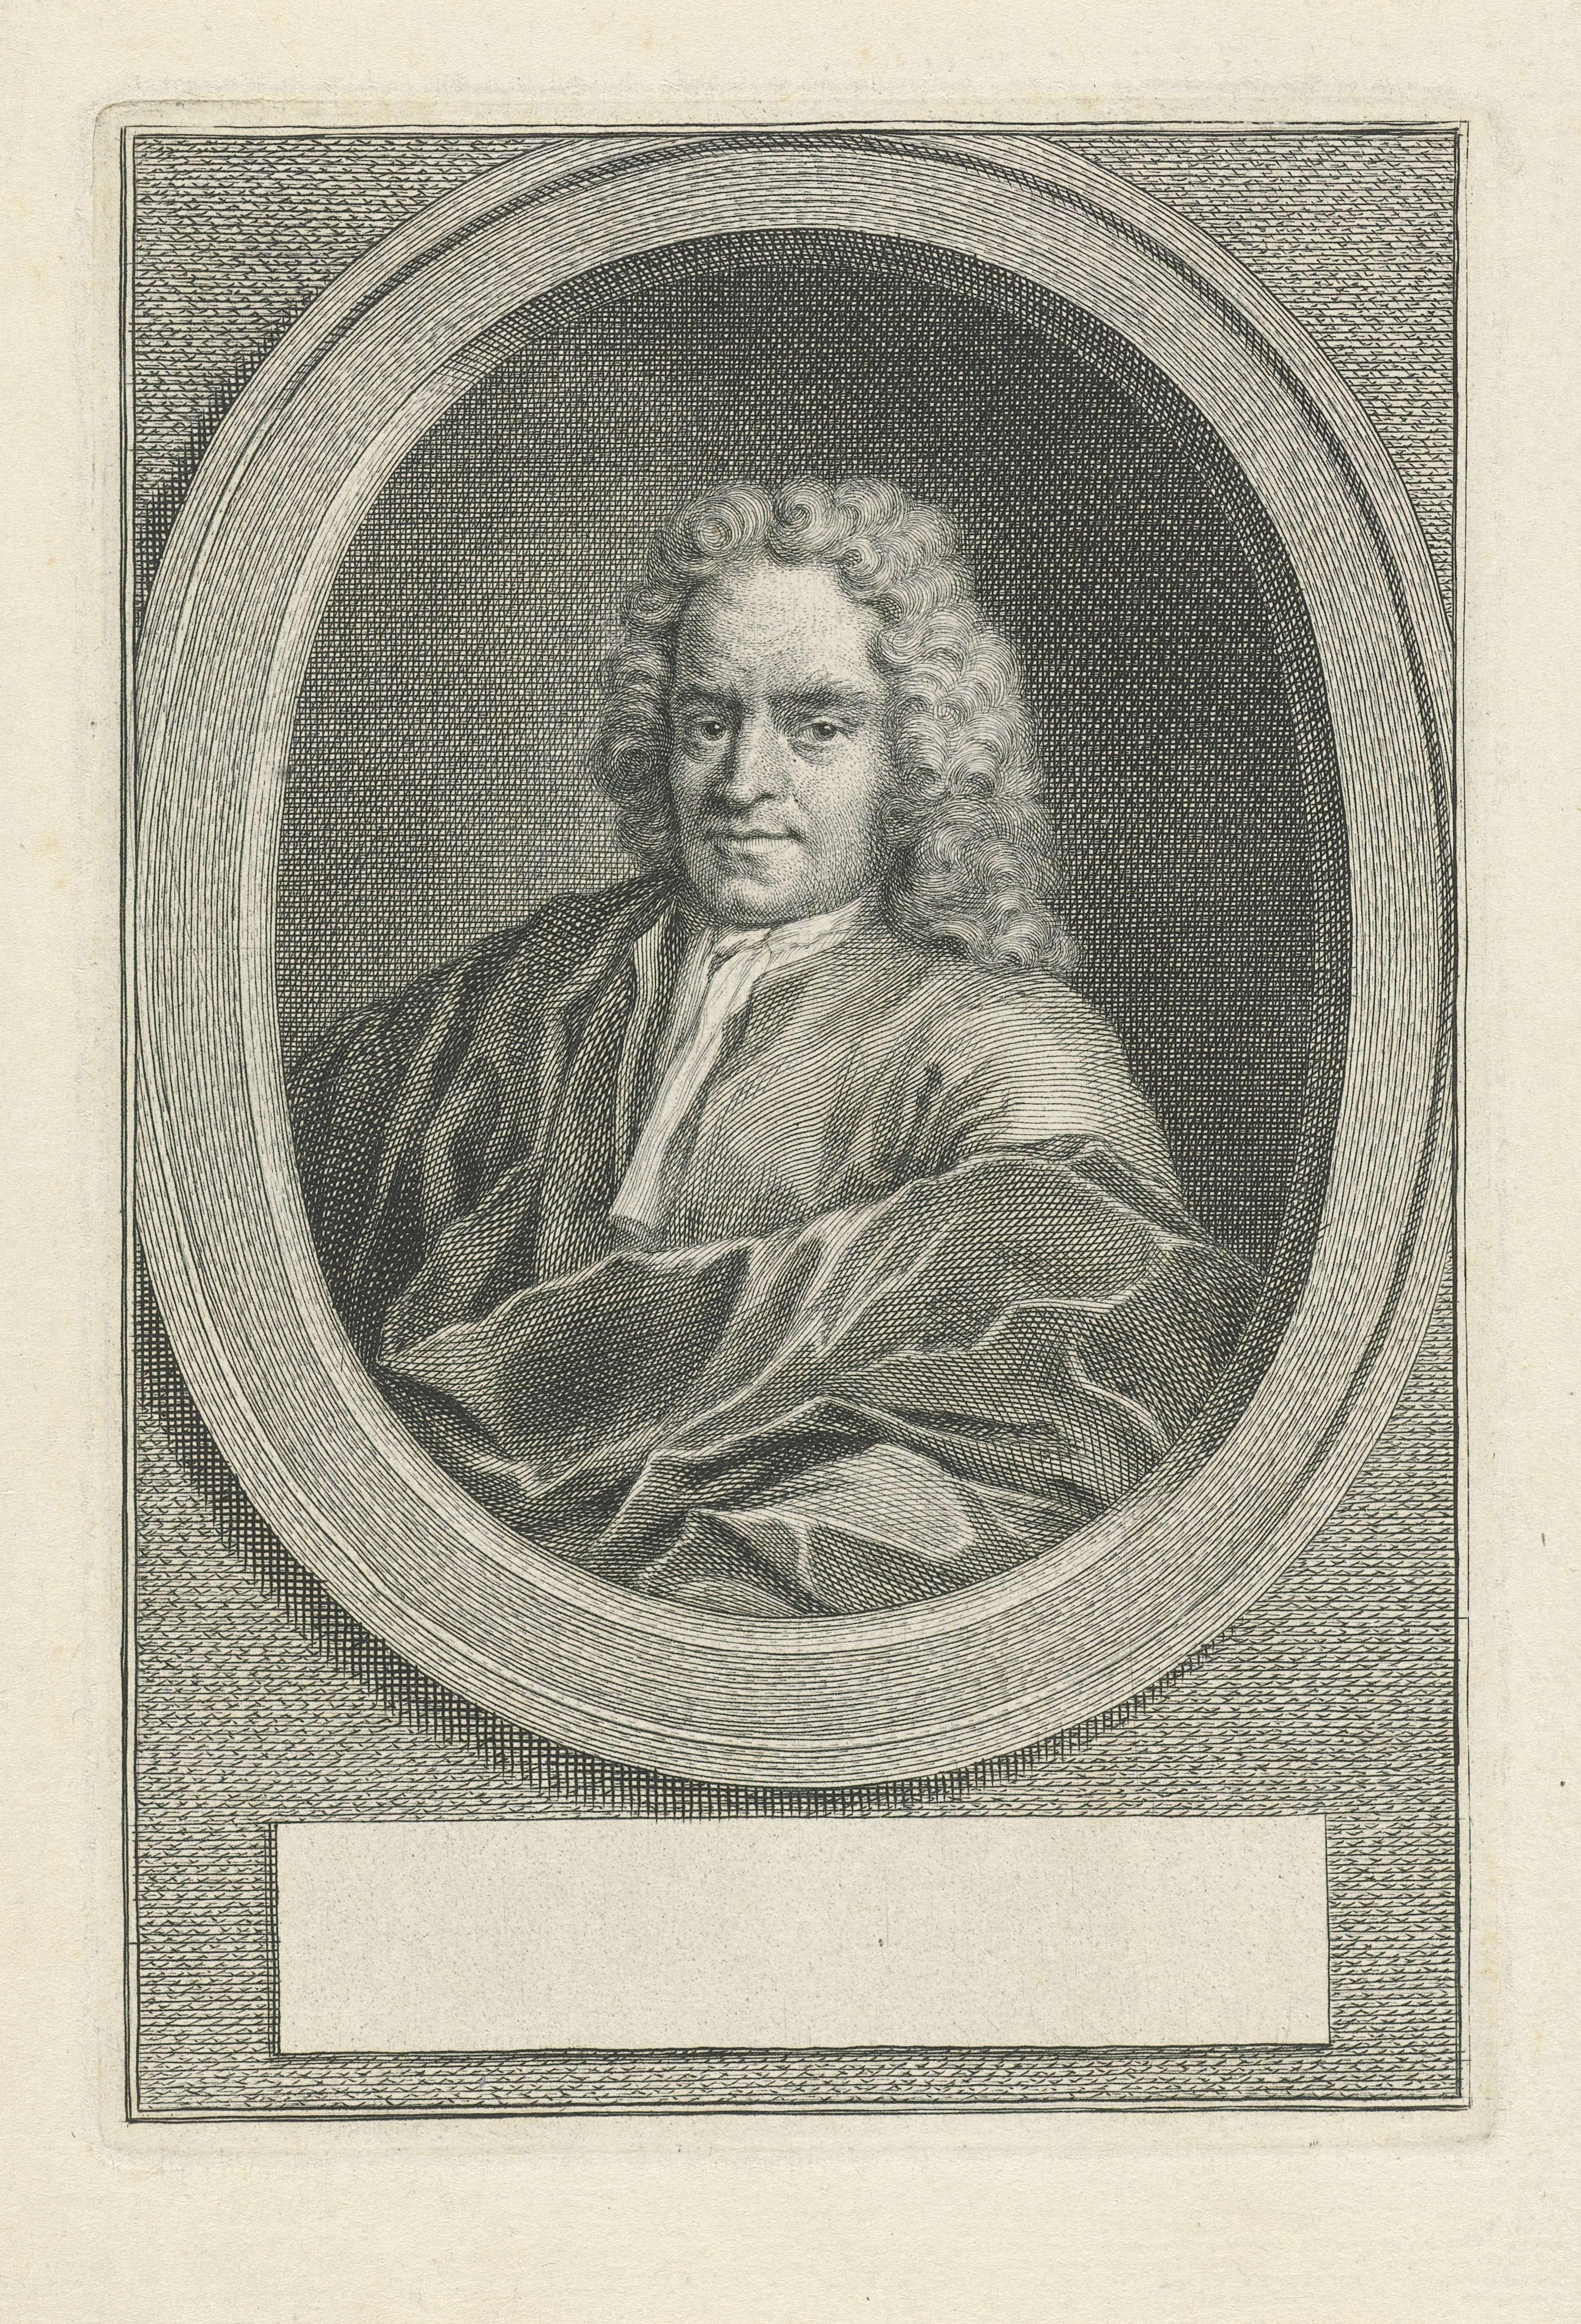 Jacob Houbraken | Portret van Herman Hengstenburgh, Jacob Houbraken, Nicolaas Verkolje, in or after 1726 - 1780 | Portret naar links van Herman Hengstenburgh in een ovaal. Onder het portret een leeg veld voor zijn naam.